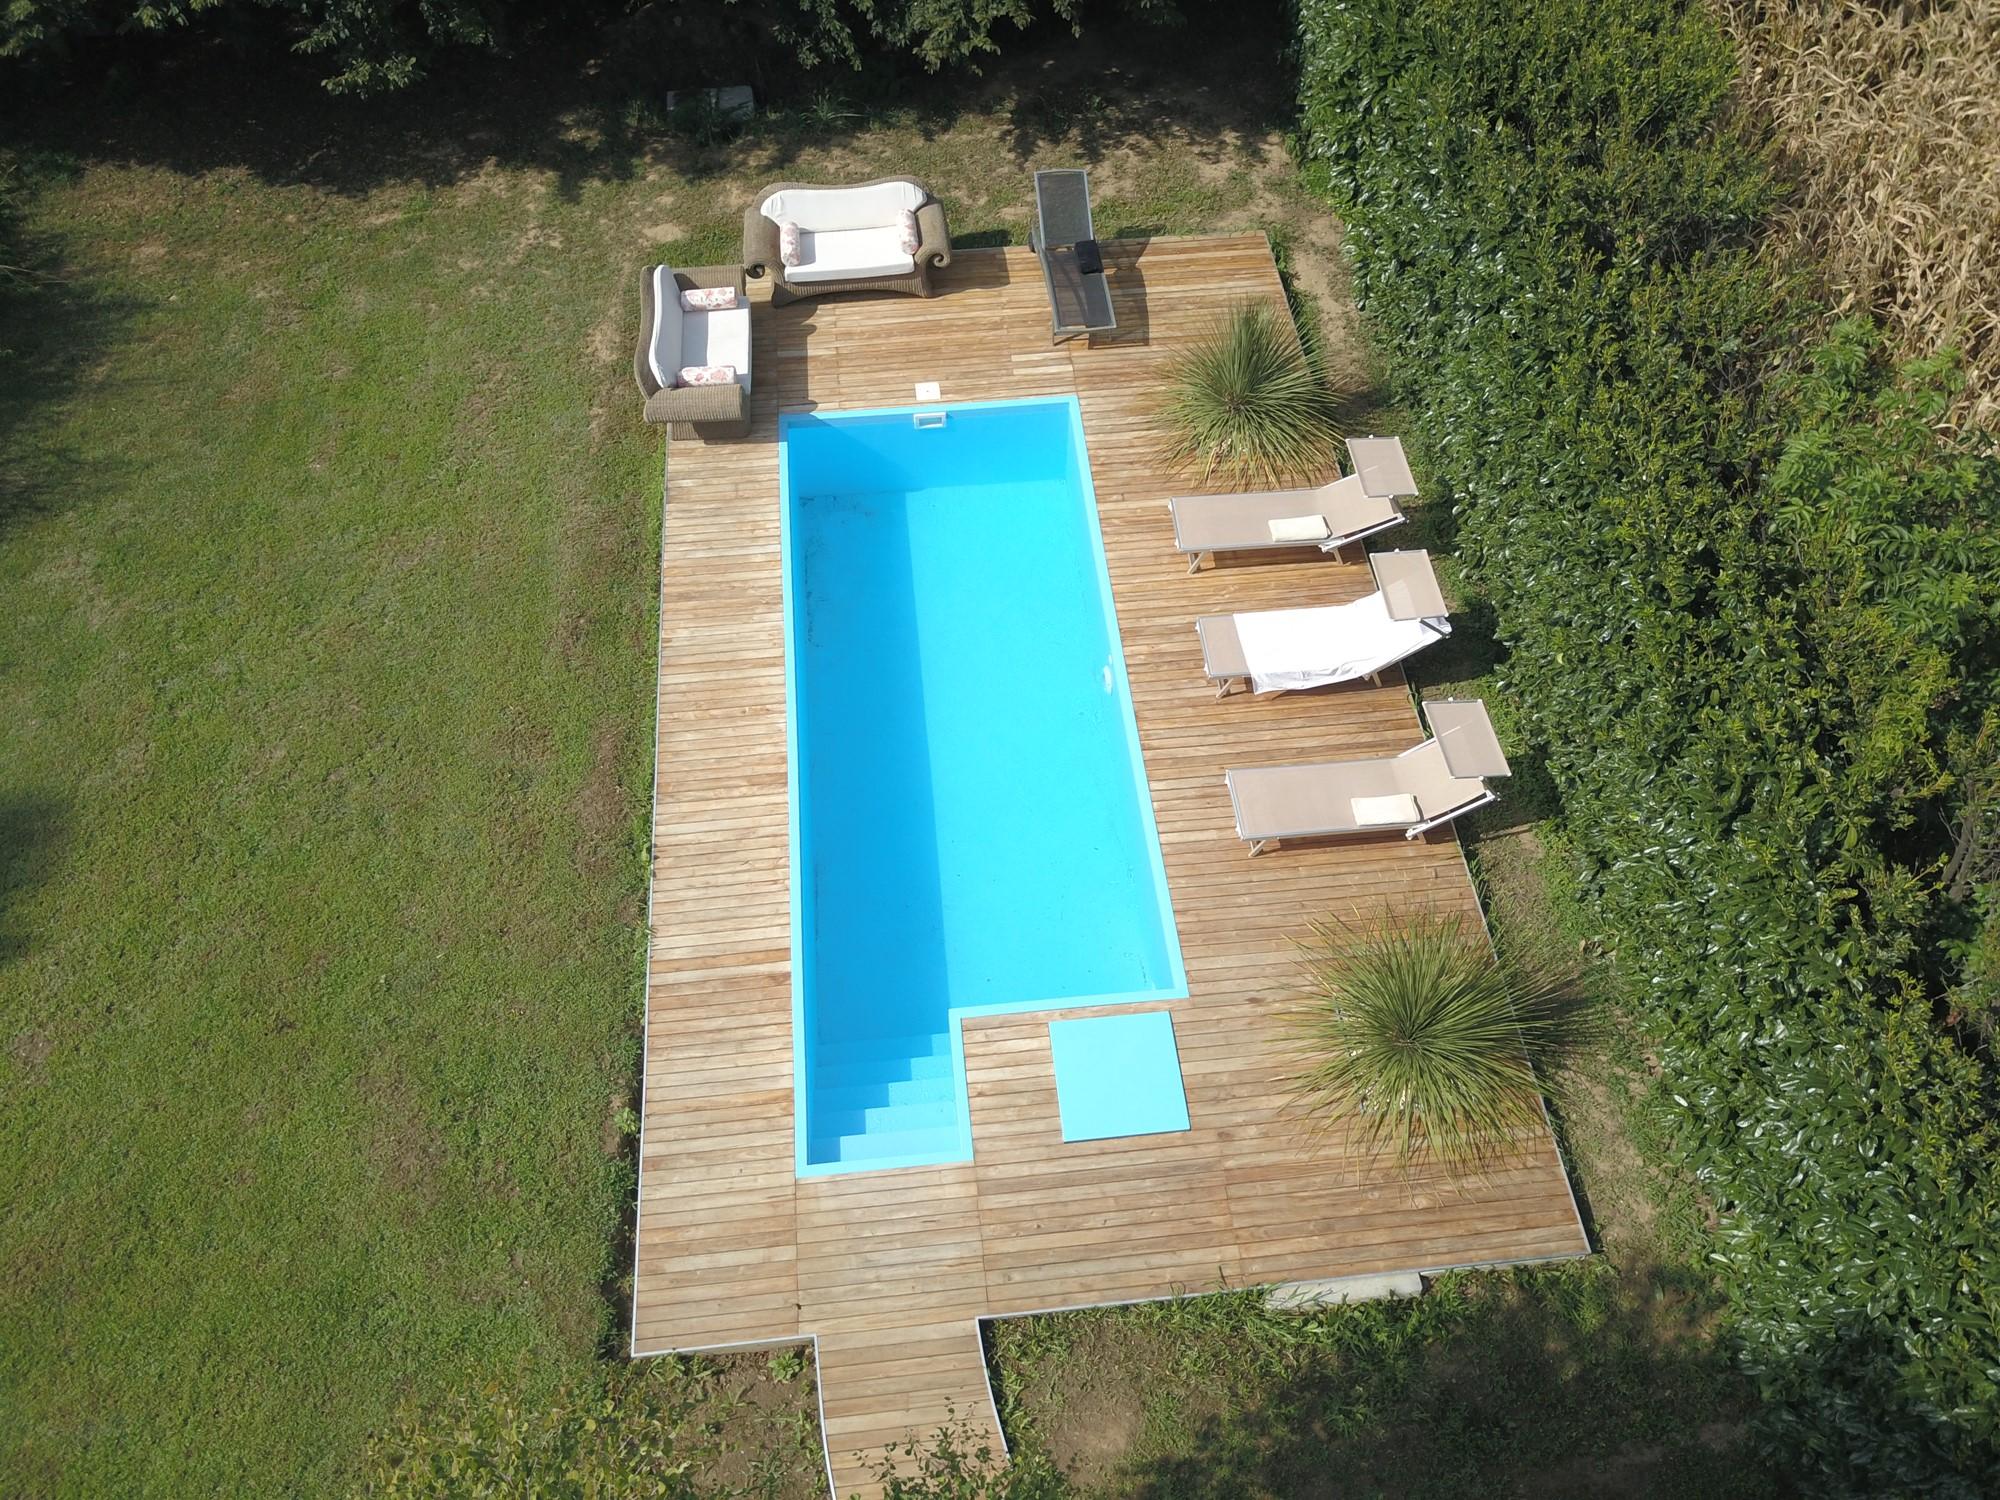 Qualche idea per la tua futura piscina interrata piscine - Piscina interrata piccola ...